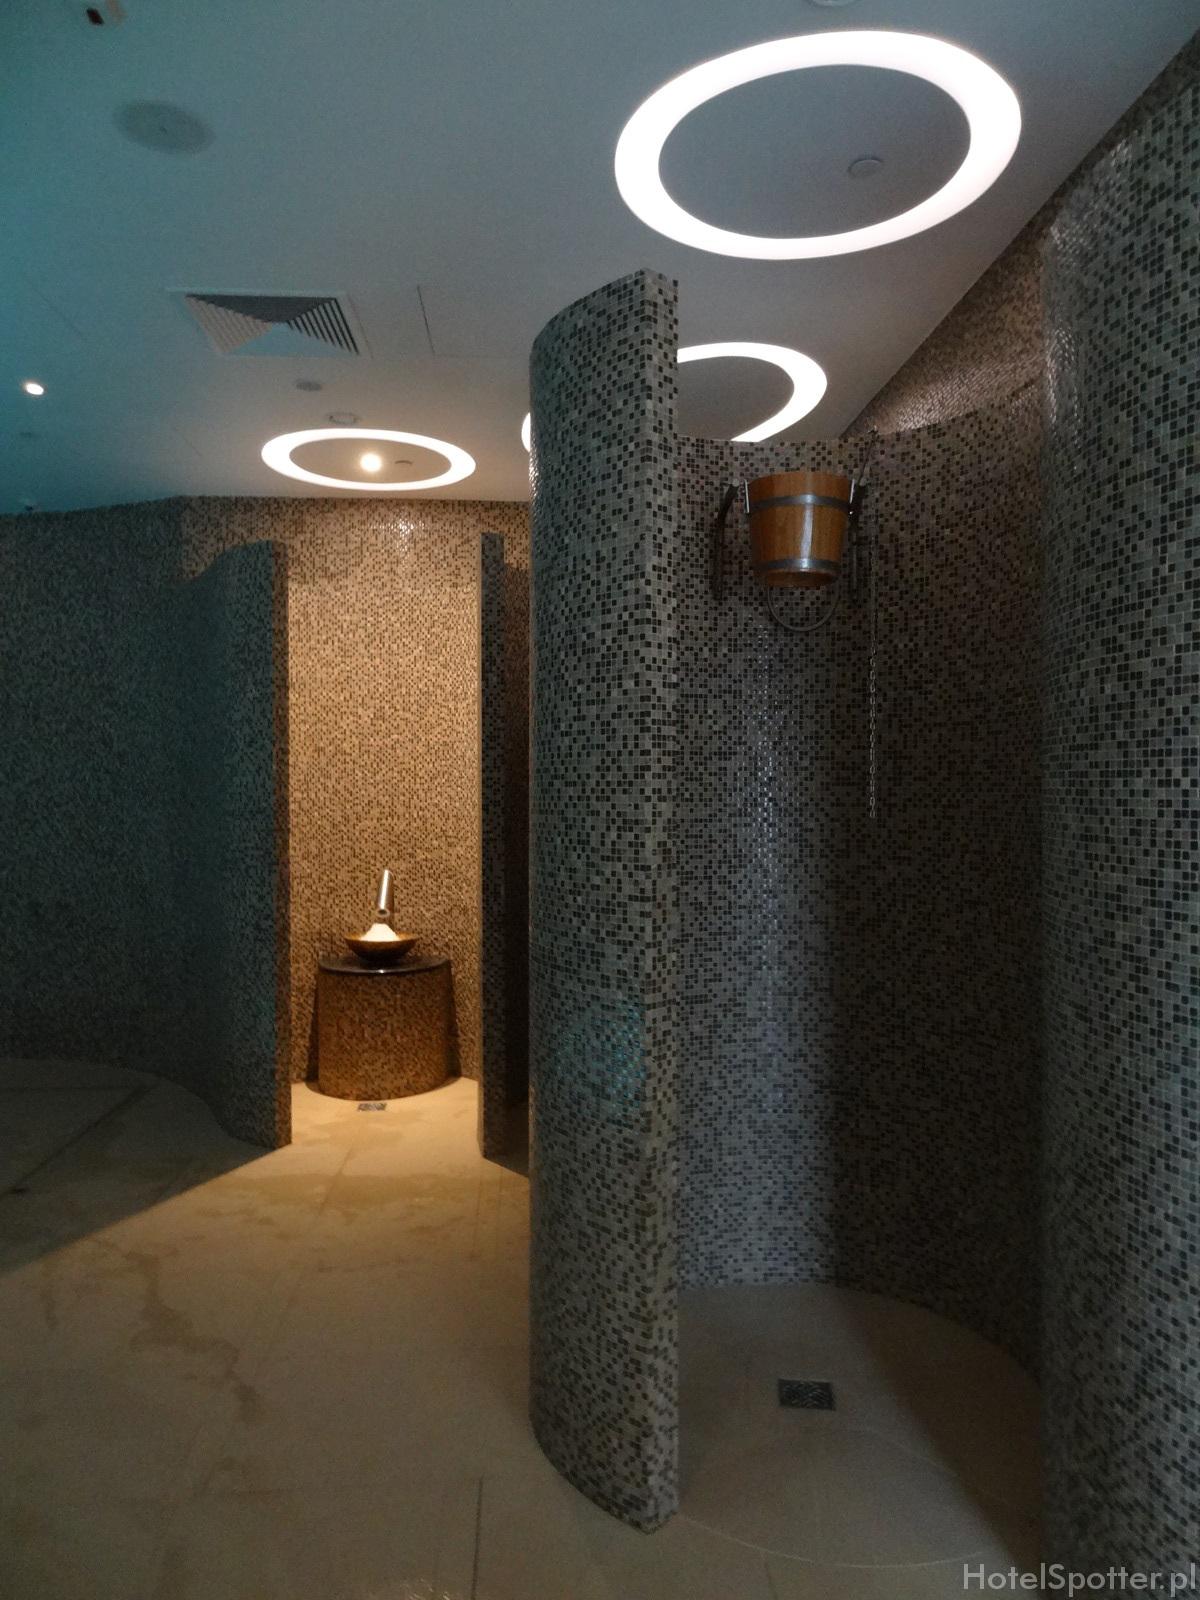 DoubleTree by Hilton Warsaw - strefa welness